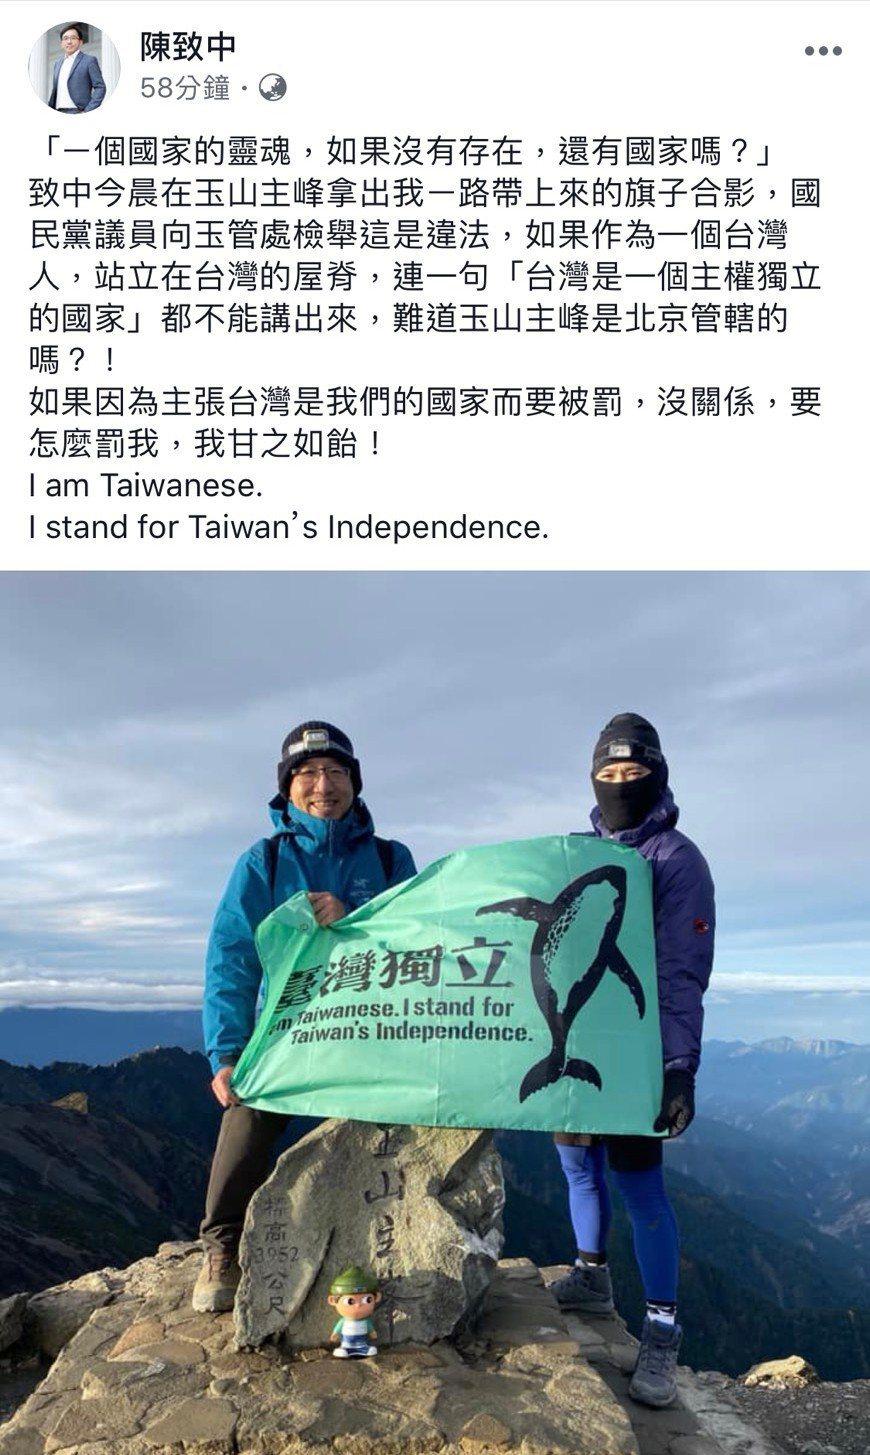 民進黨高雄市議員陳致中今日攻頂玉山,並在山頂上展示「台灣獨立」旗幟。圖/陳致中提供